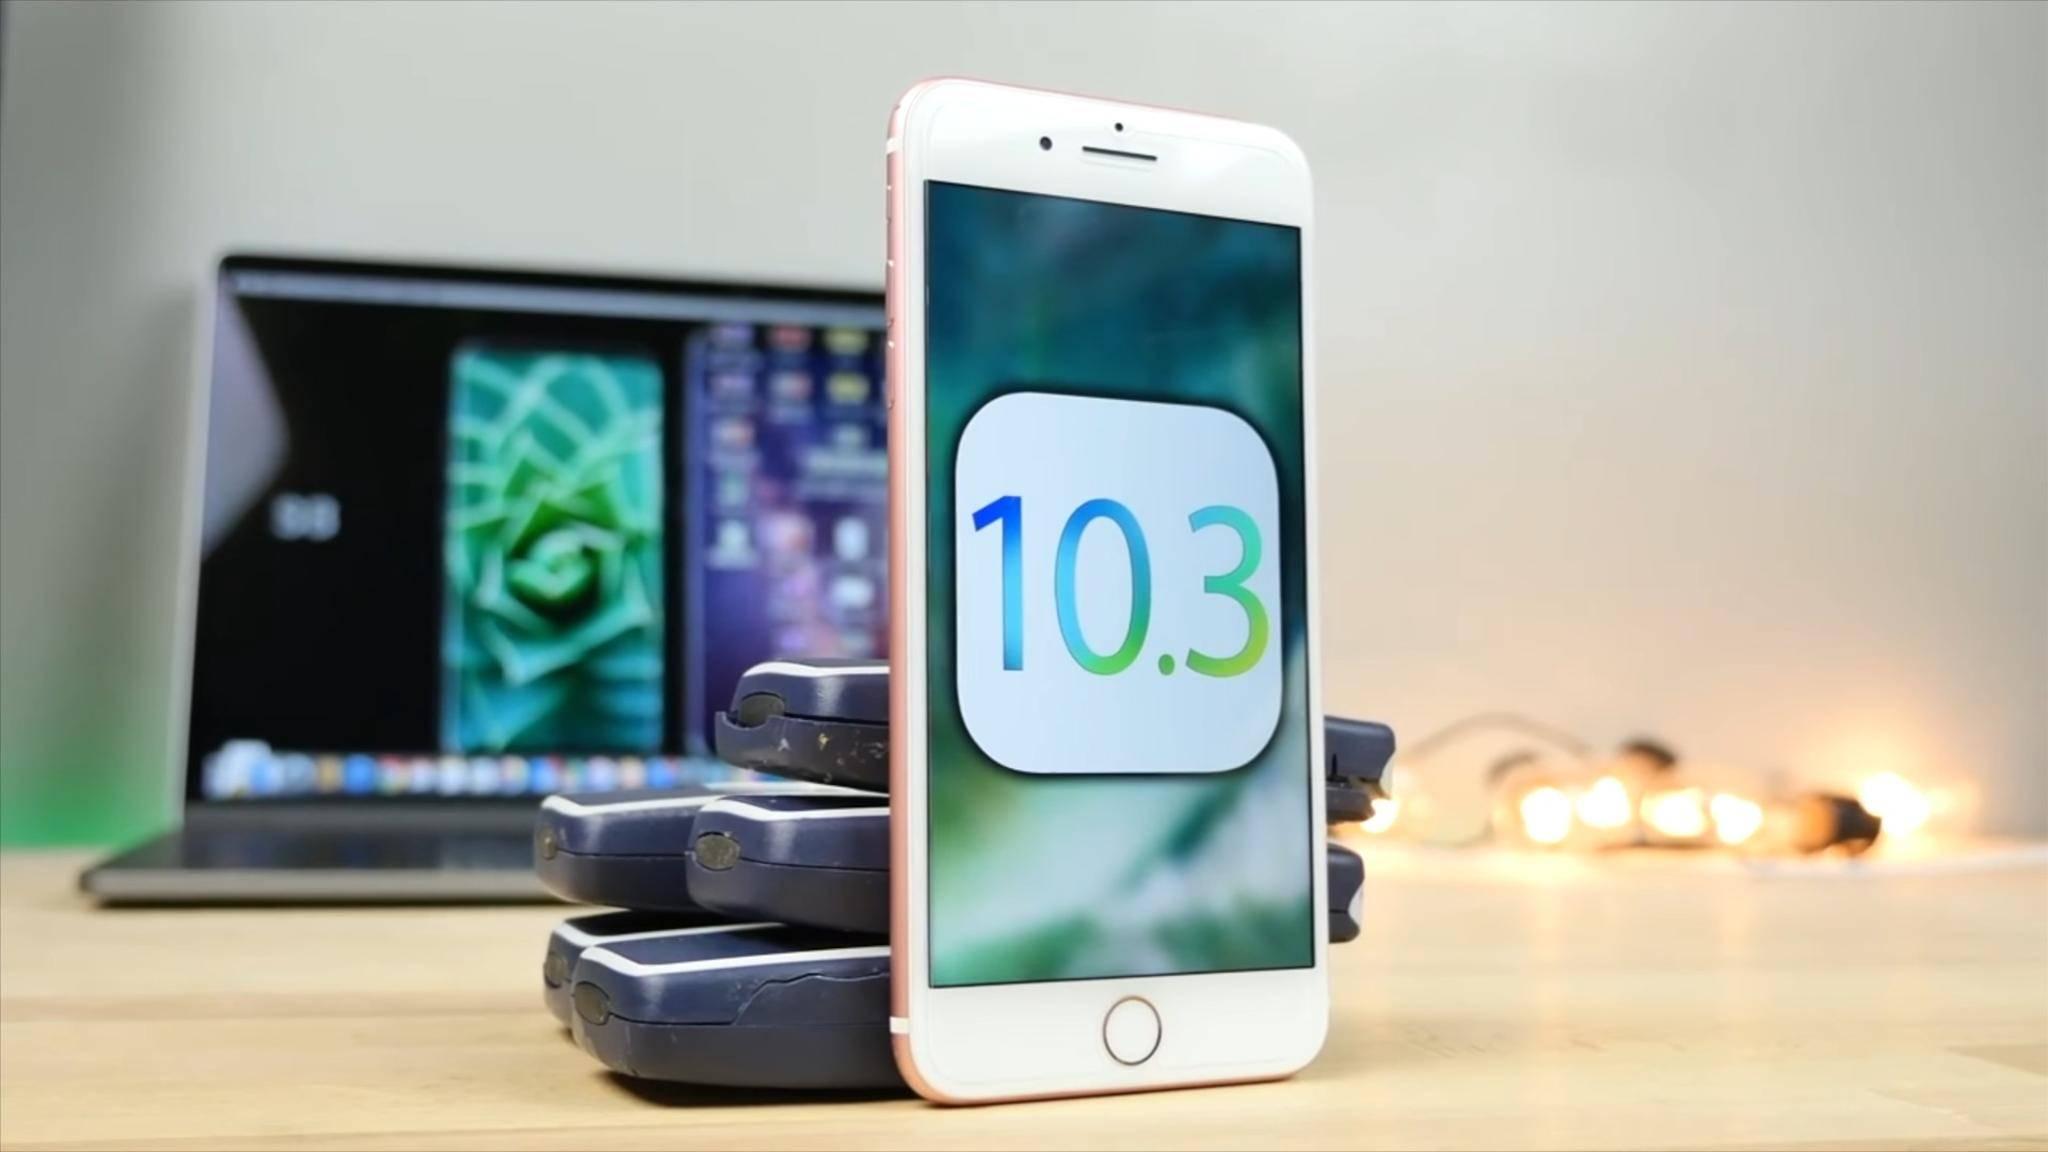 iOS 10.3 erschien ebenfalls in dieser Woche.